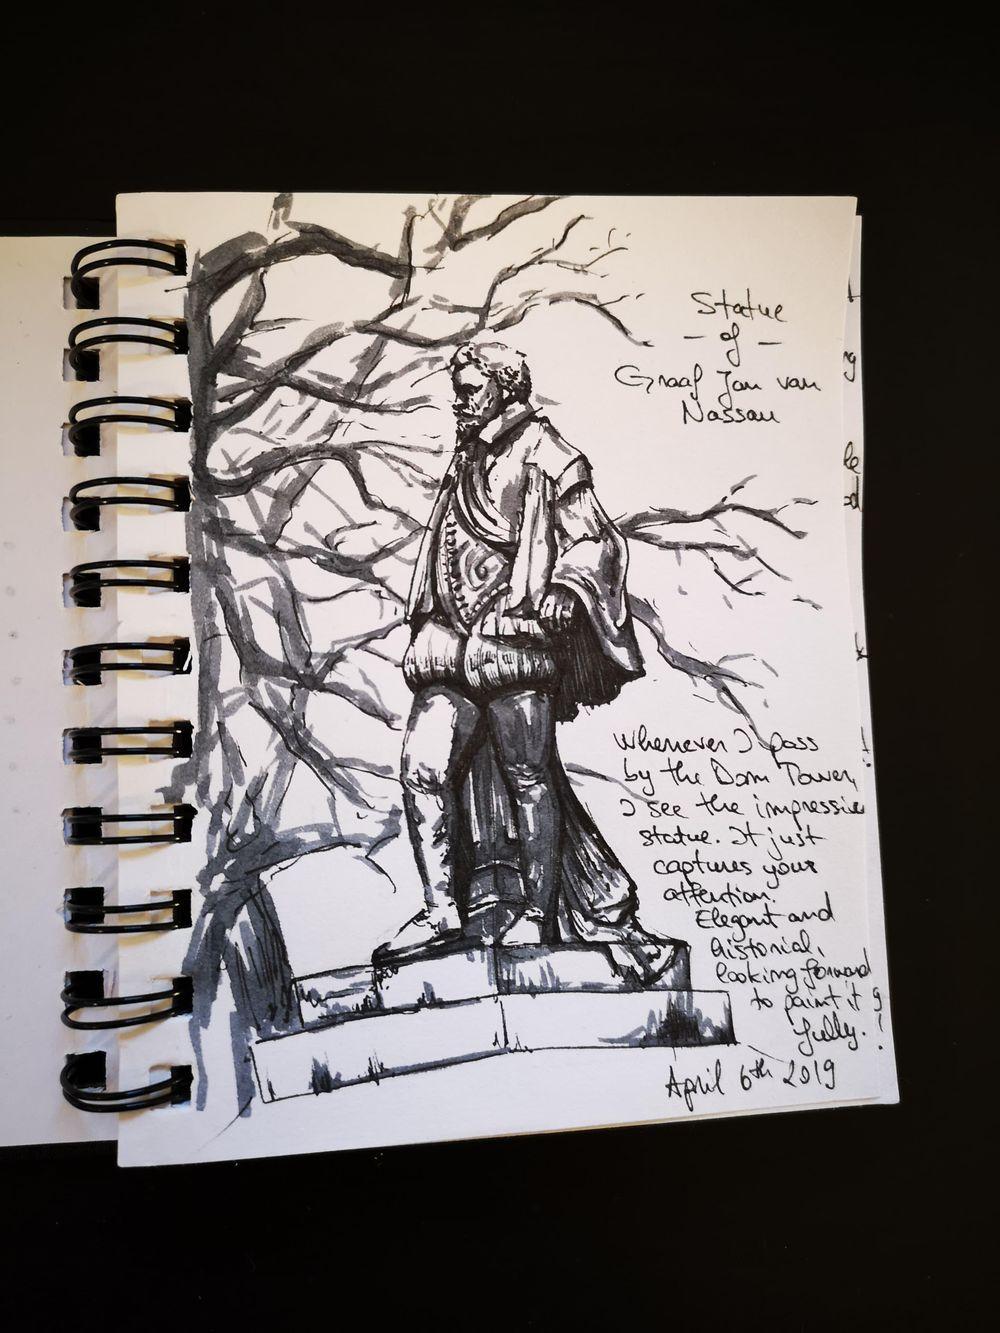 Sketchbook journal - image 2 - student project